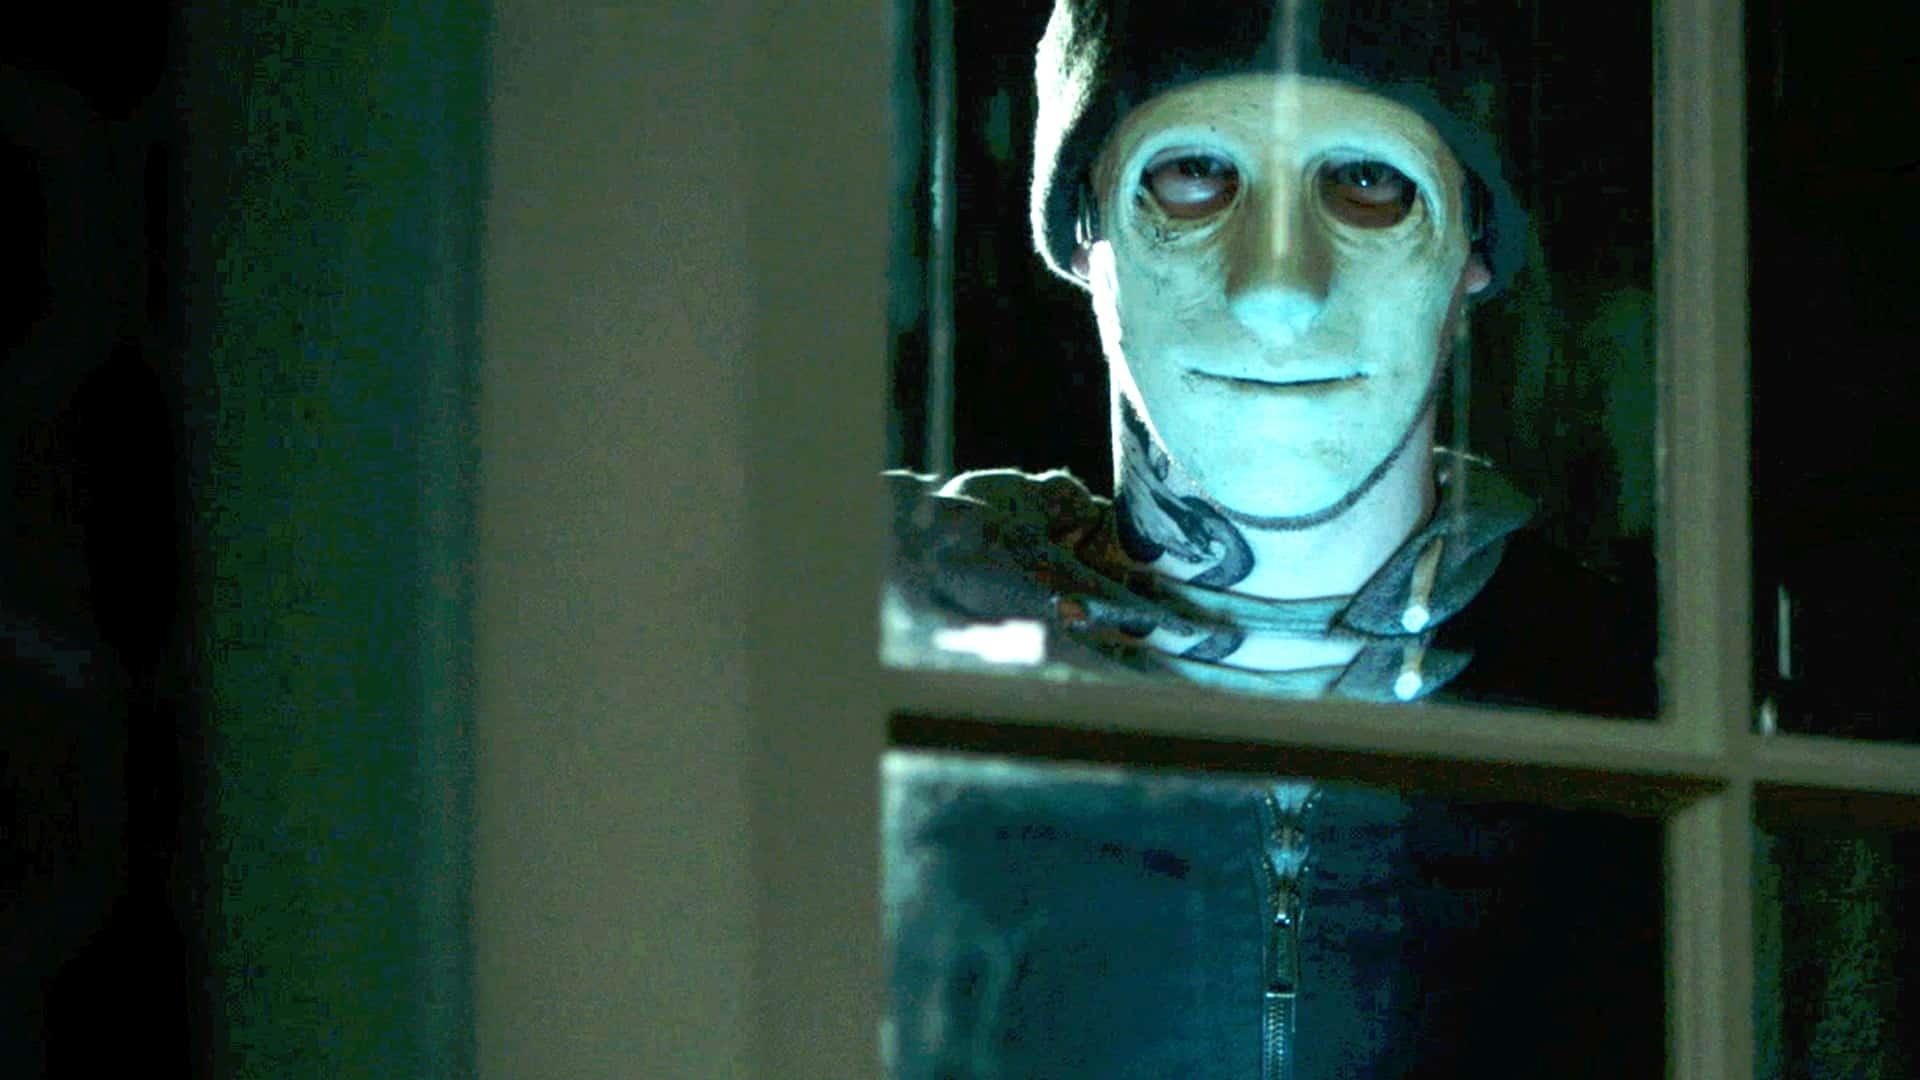 Produttore vuol premiare chi riesce a vedere un suo film horror fino alla fine con 7.500 euro